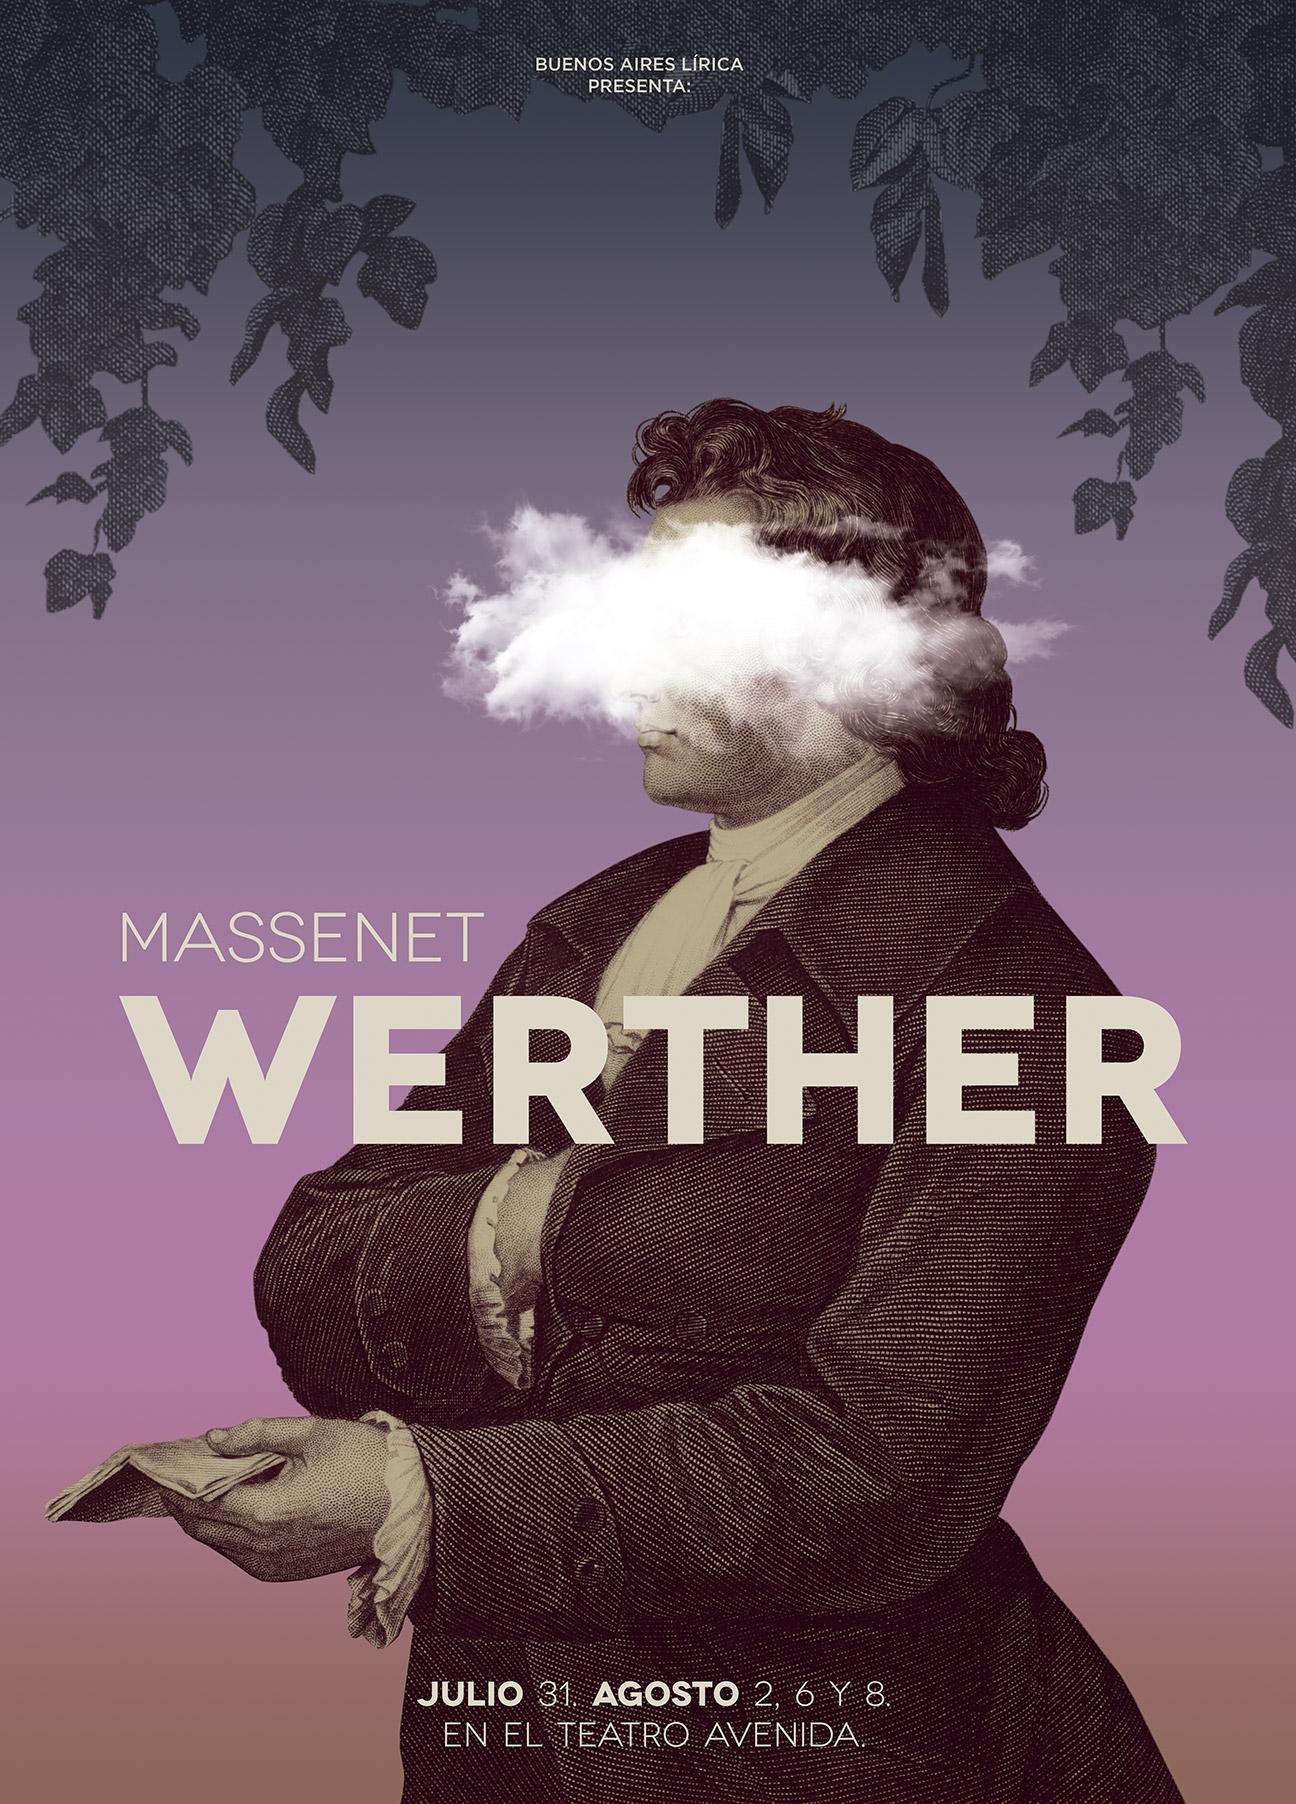 Diseño de afiche para ópera Werther - poster - BAL